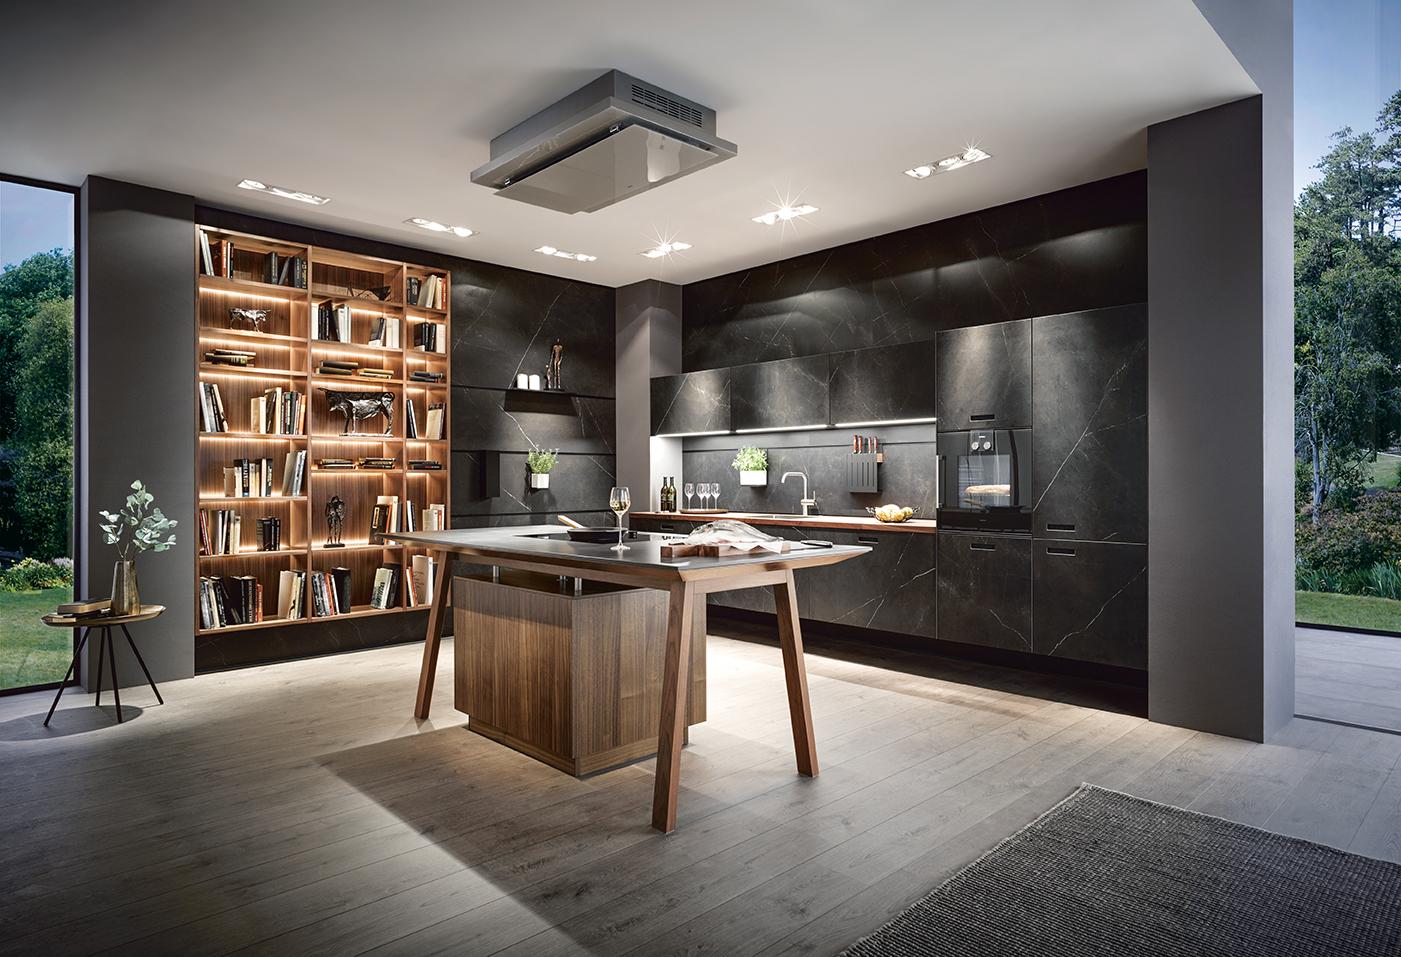 Cuisine aménagée et équipée haut de gamme personnalisée marque next125 bois et marbre noir annecy